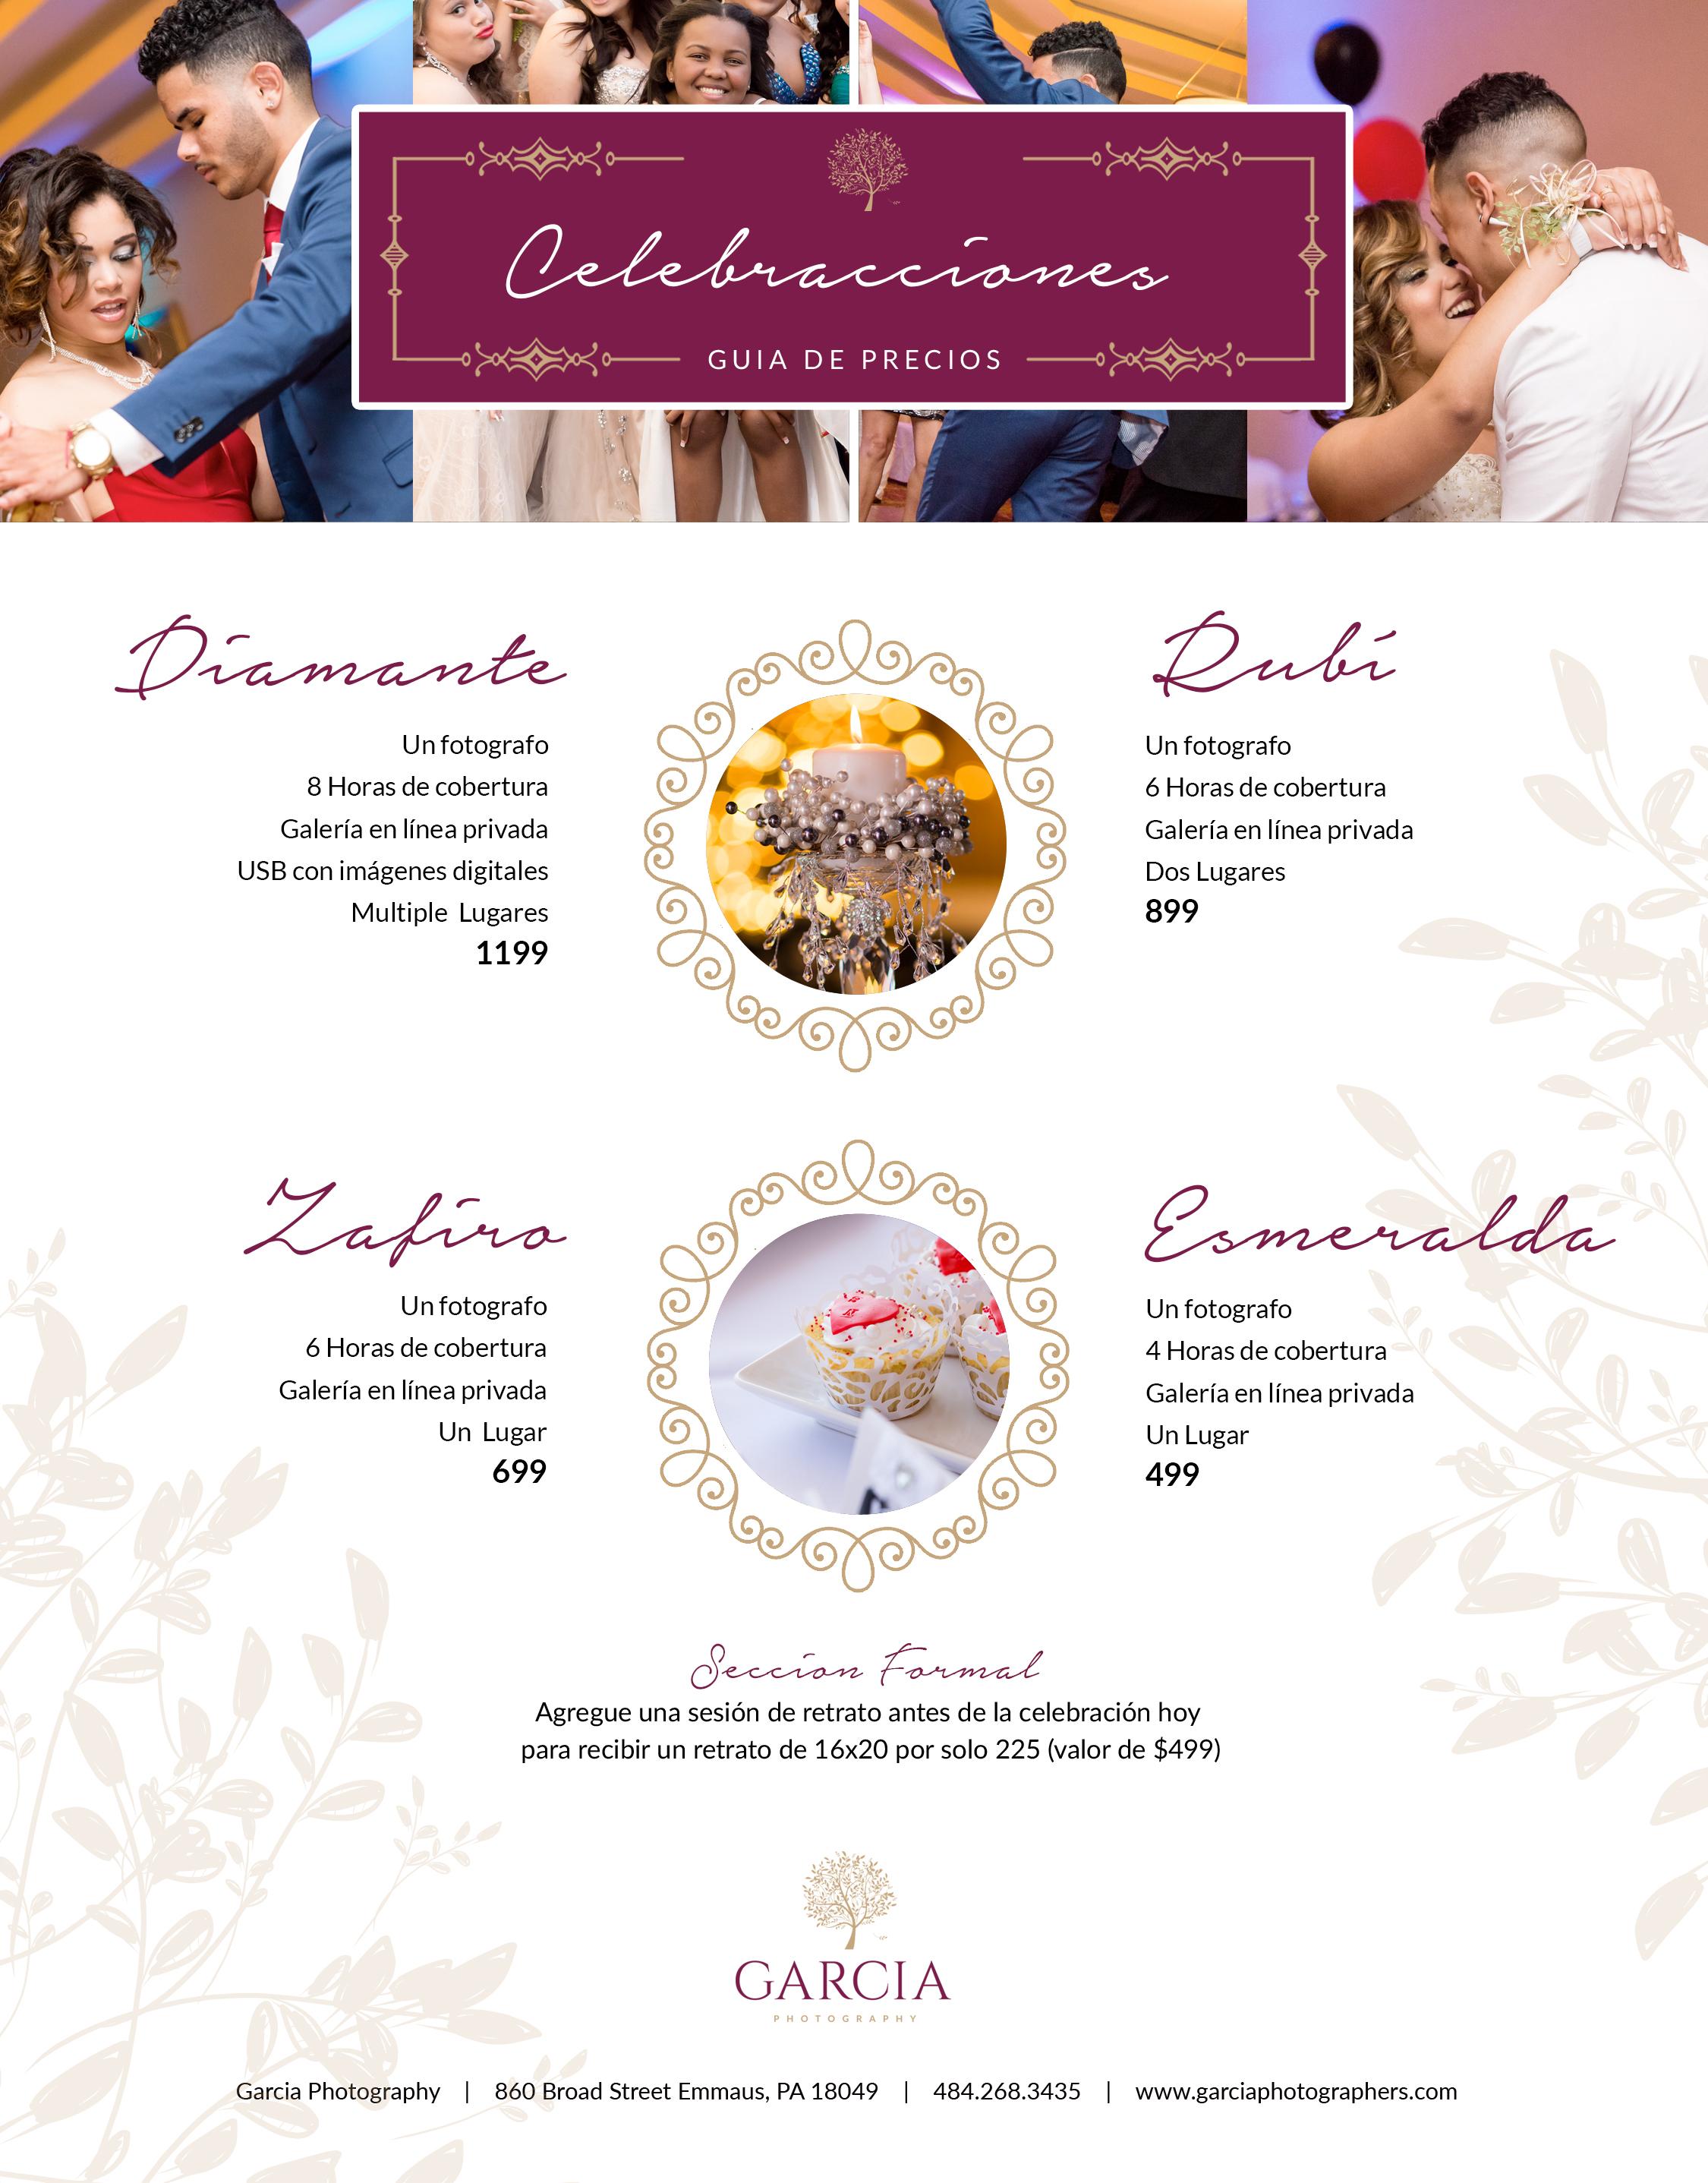 Garcia-Celebracciones.jpg